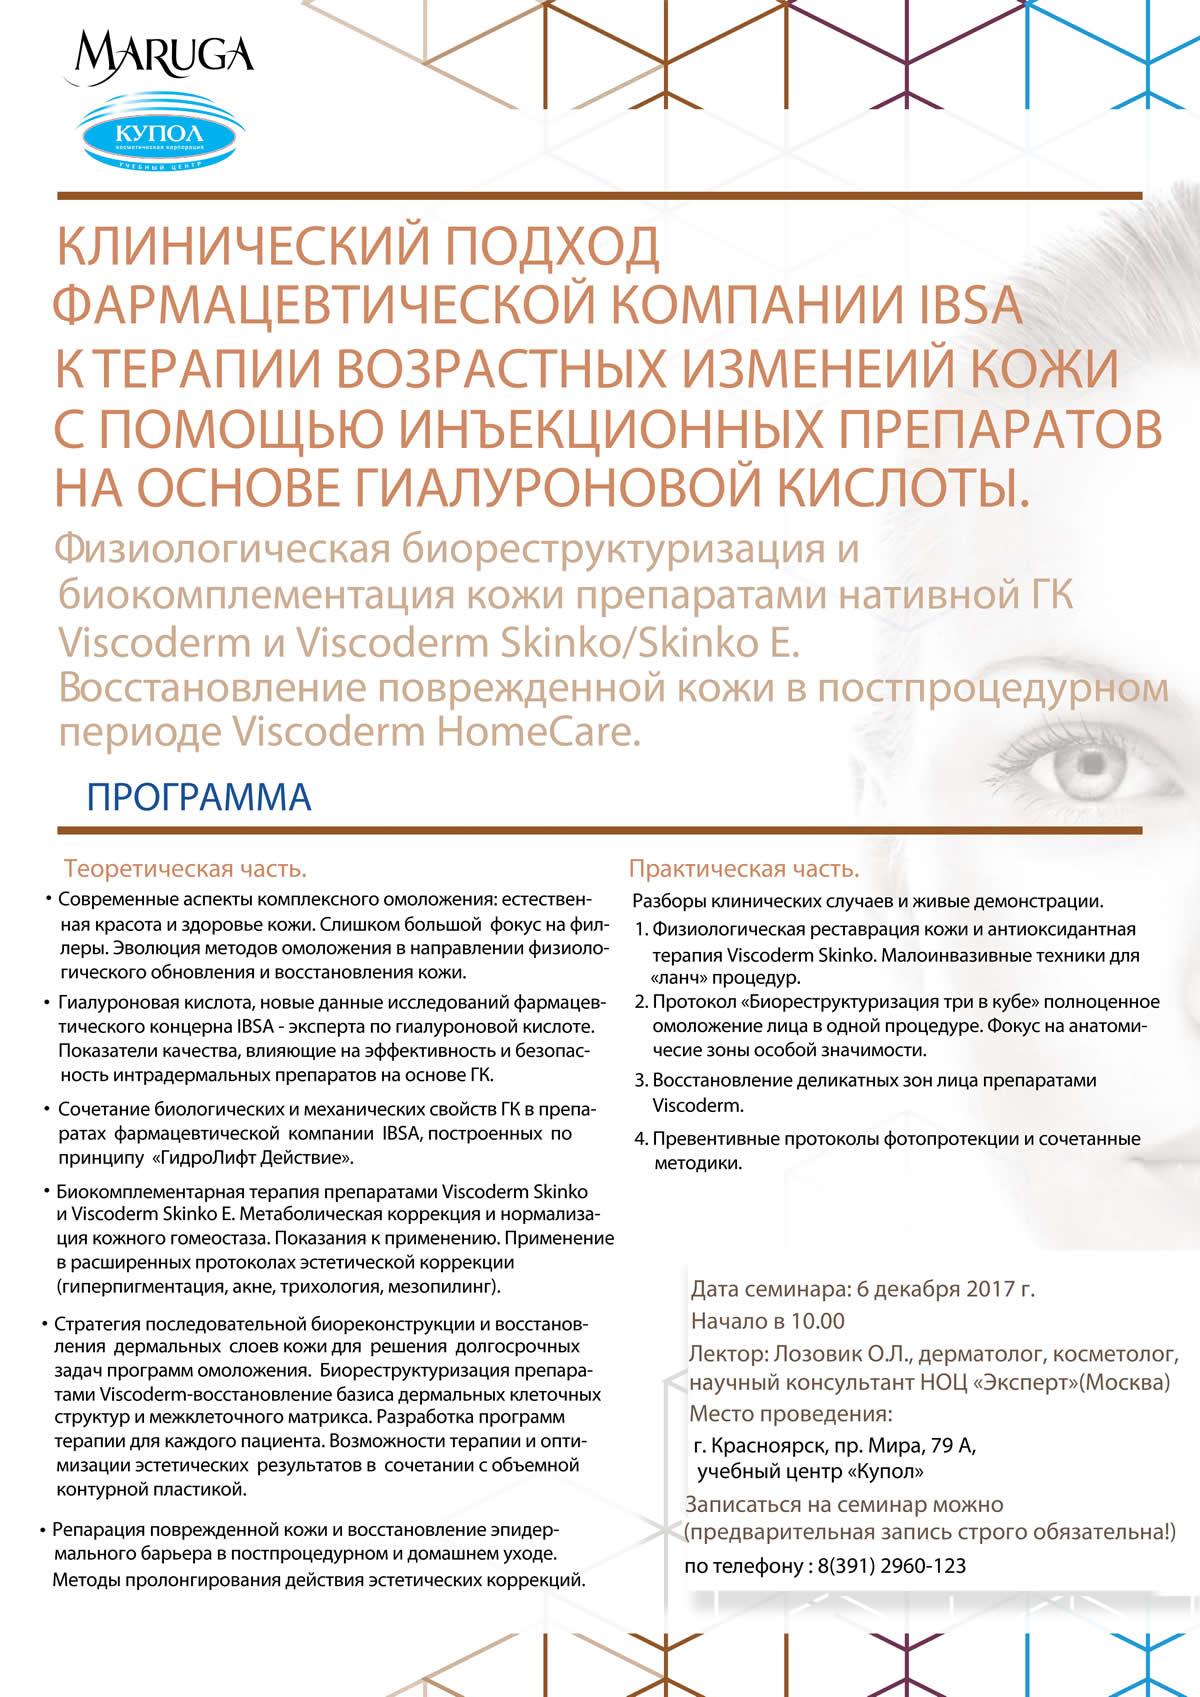 Клинический подход фармацевтической компании IBSA к терапии возрастных изменений кожи с помощью инъекционных препаратов на основе гиалуроновой кислоты